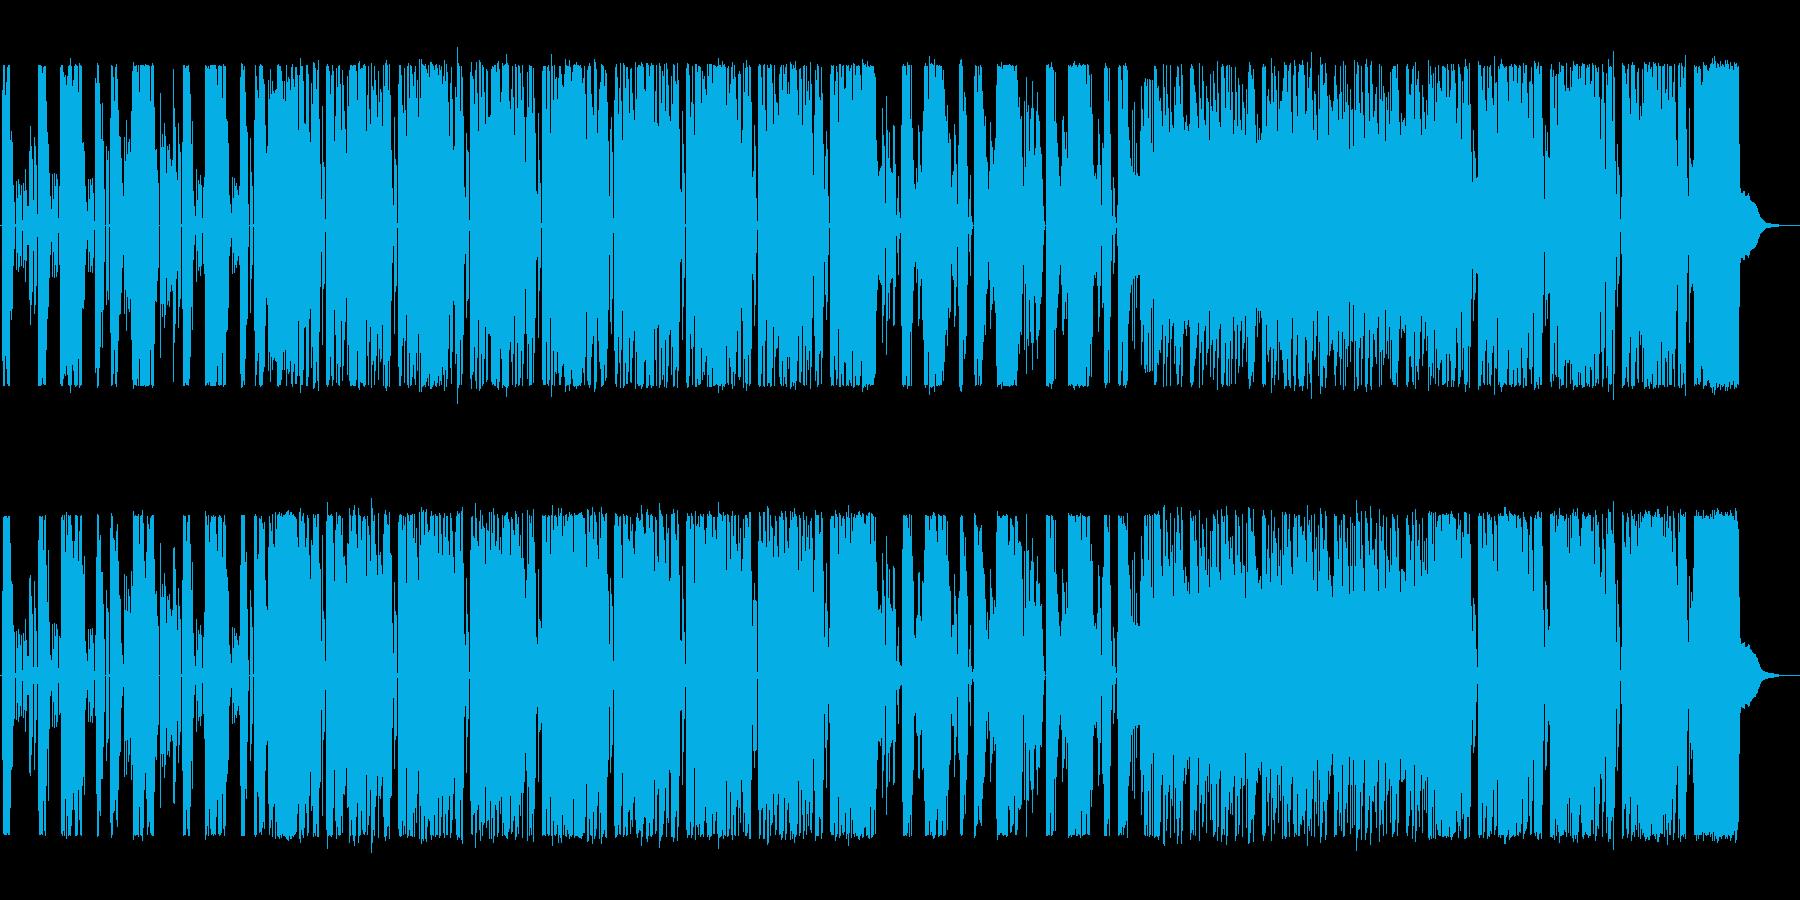 ロックのテクニック満載のサウンドの再生済みの波形